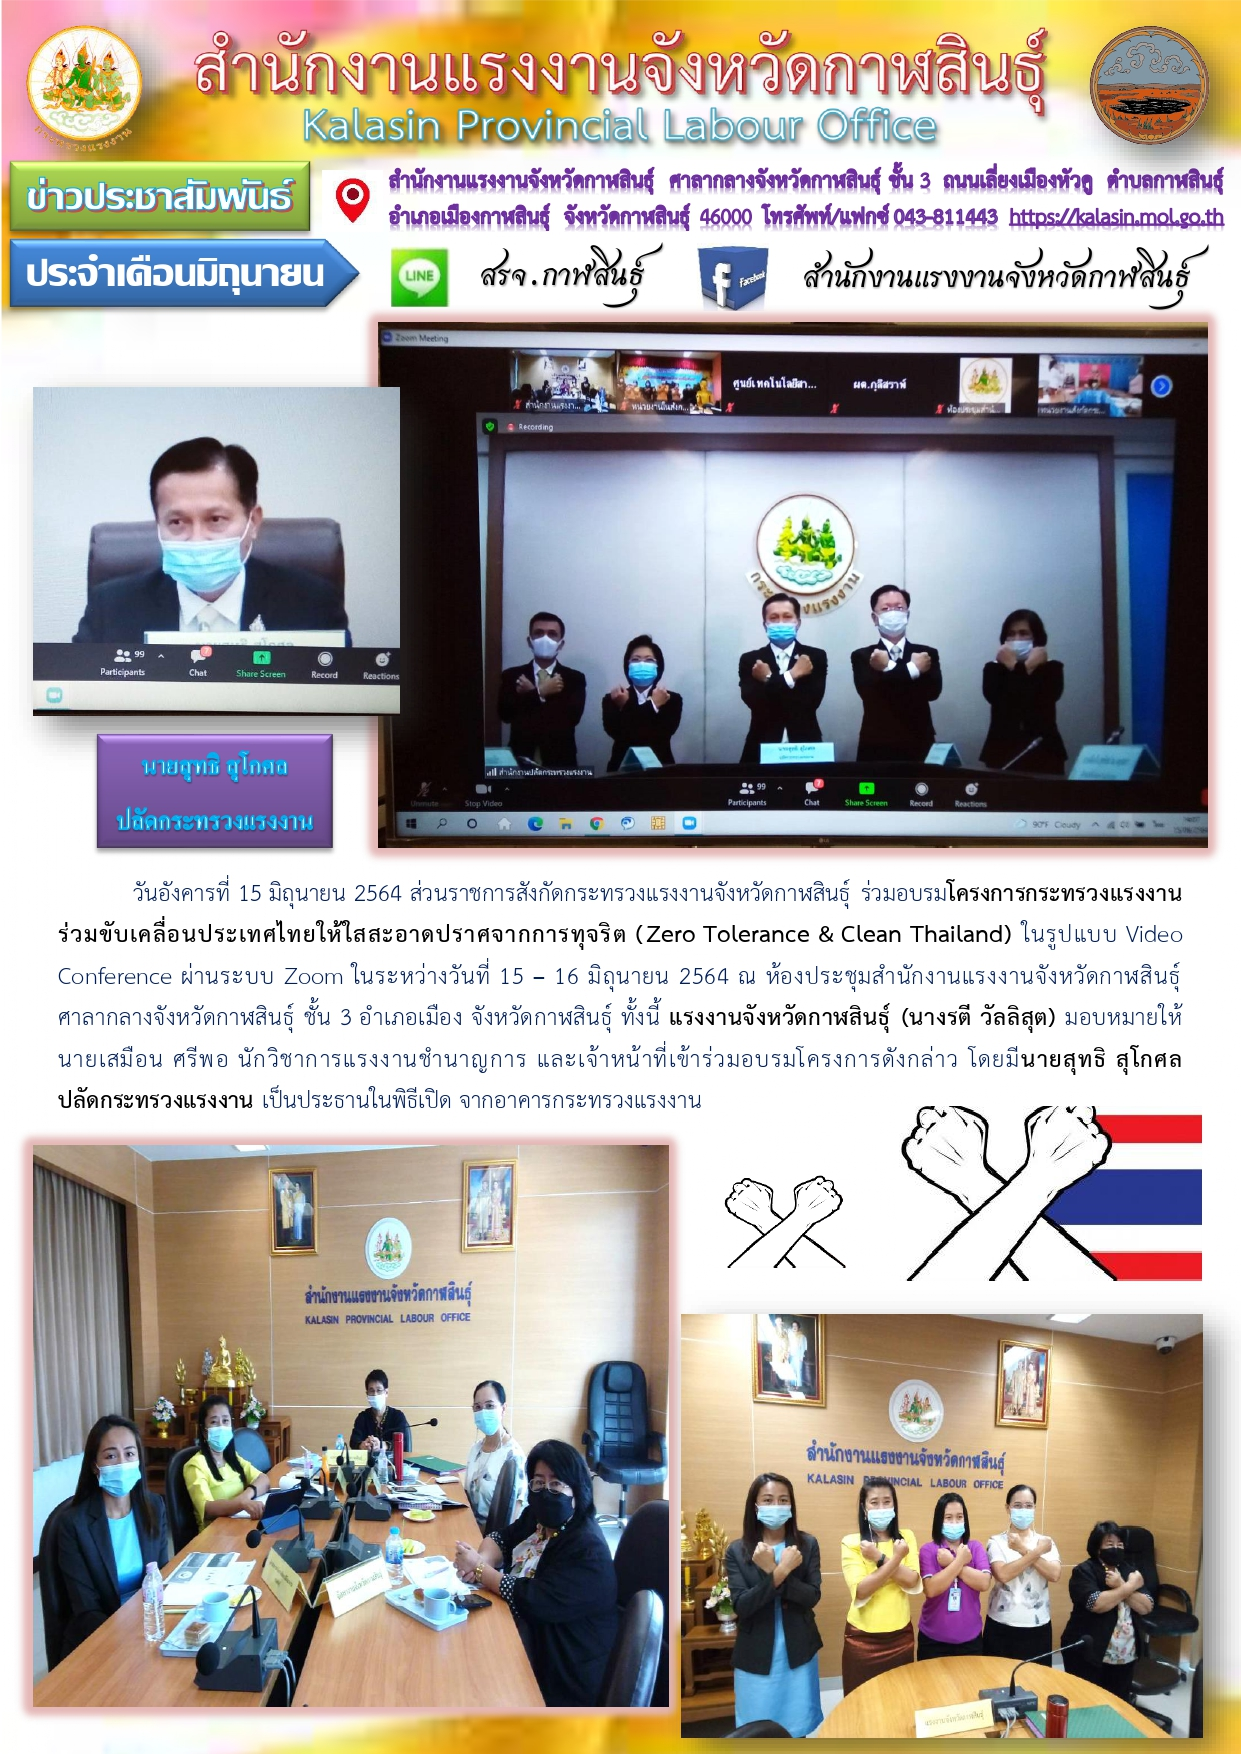 ส่วนราชการสังกัดกระทรวงแรงงานจังหวัดกาฬสินธุ์ ร่วมอบรมโครงการกระทรวงแรงงานร่วมขับเคลื่อนประเทศไทยให้ใสสะอาดปราศจากการทุจริต (Zero Tolerance & Clean Thailand) ในรูปแบบ Video Conference ผ่านระบบ Zoom